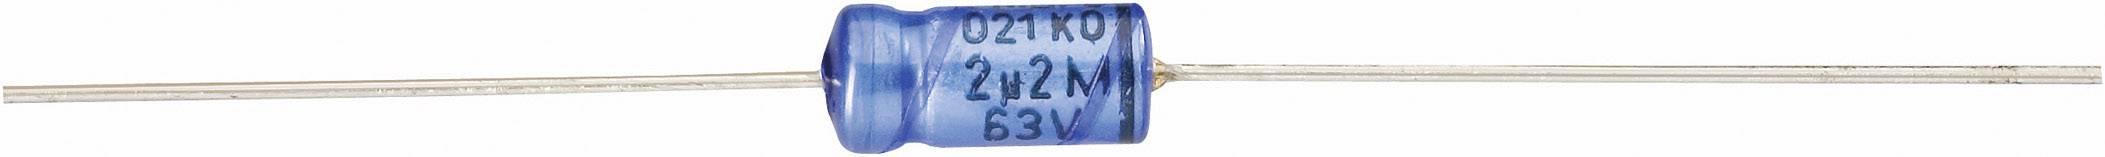 Elektrolytický kondenzátor Vishay 2222 021 28471, axiálne vývody, 470 µF, 63 V, 20 %, 1 ks